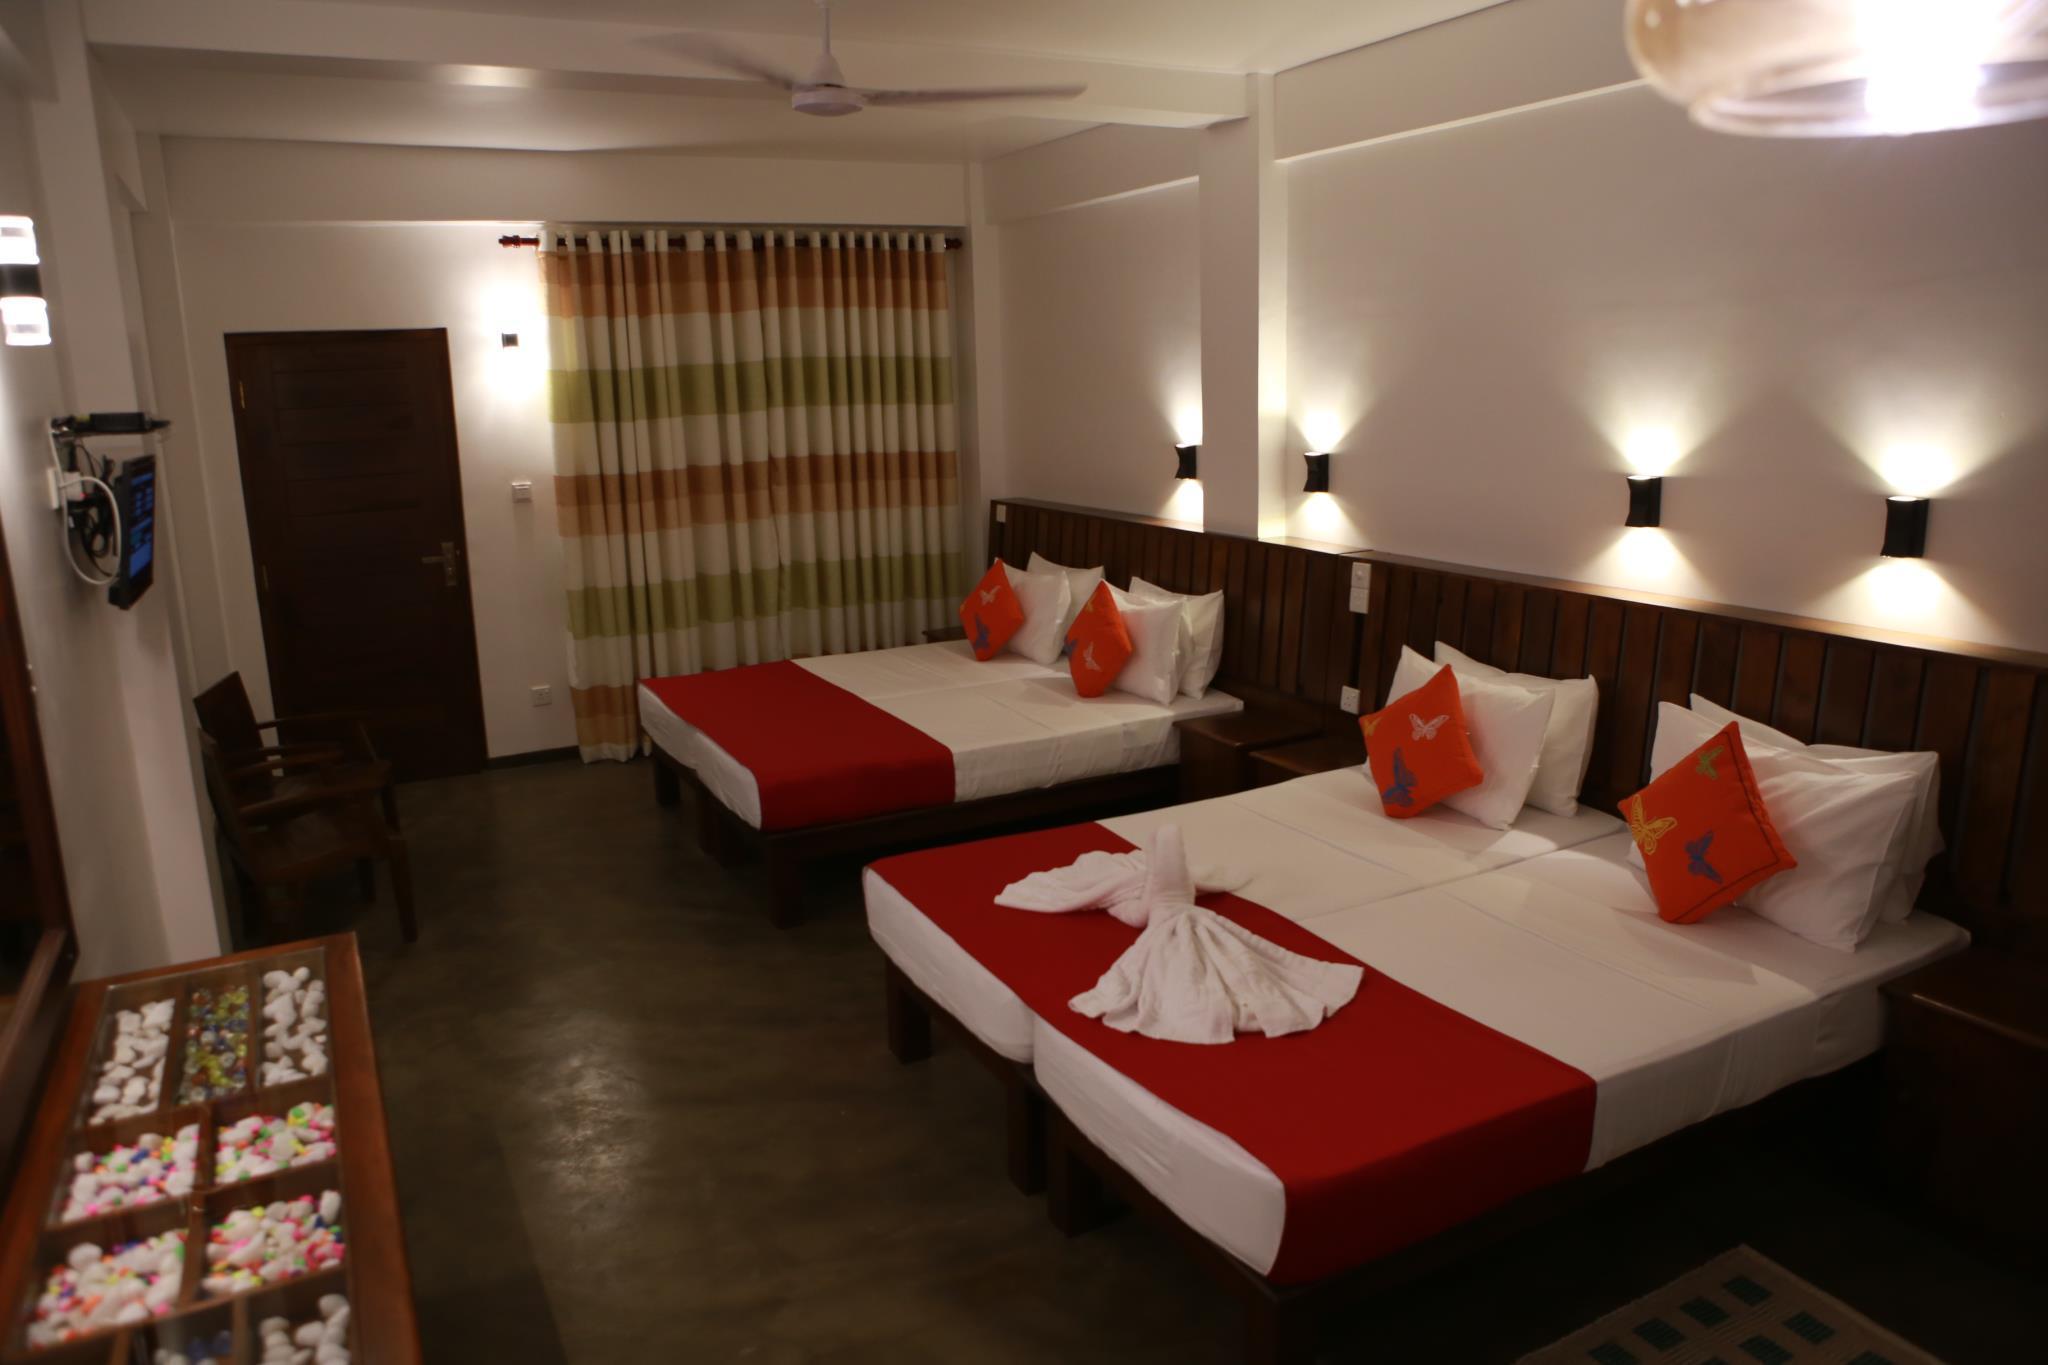 Cozy Sew View Inn